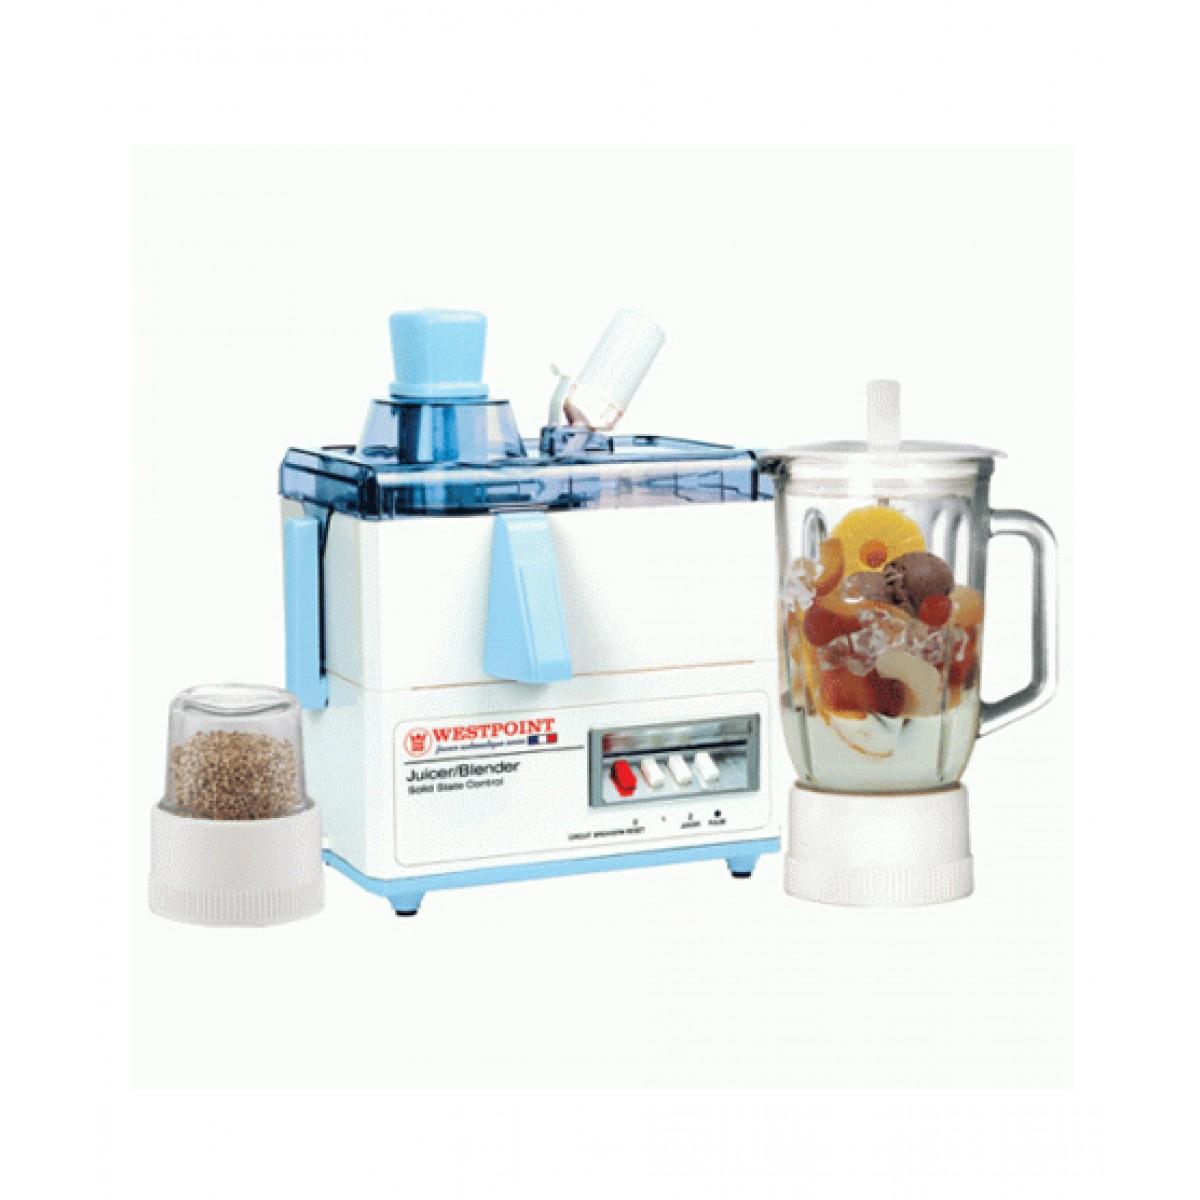 Westpoint Deluxe Juicer Blender & Dry Mill (WF-7201)